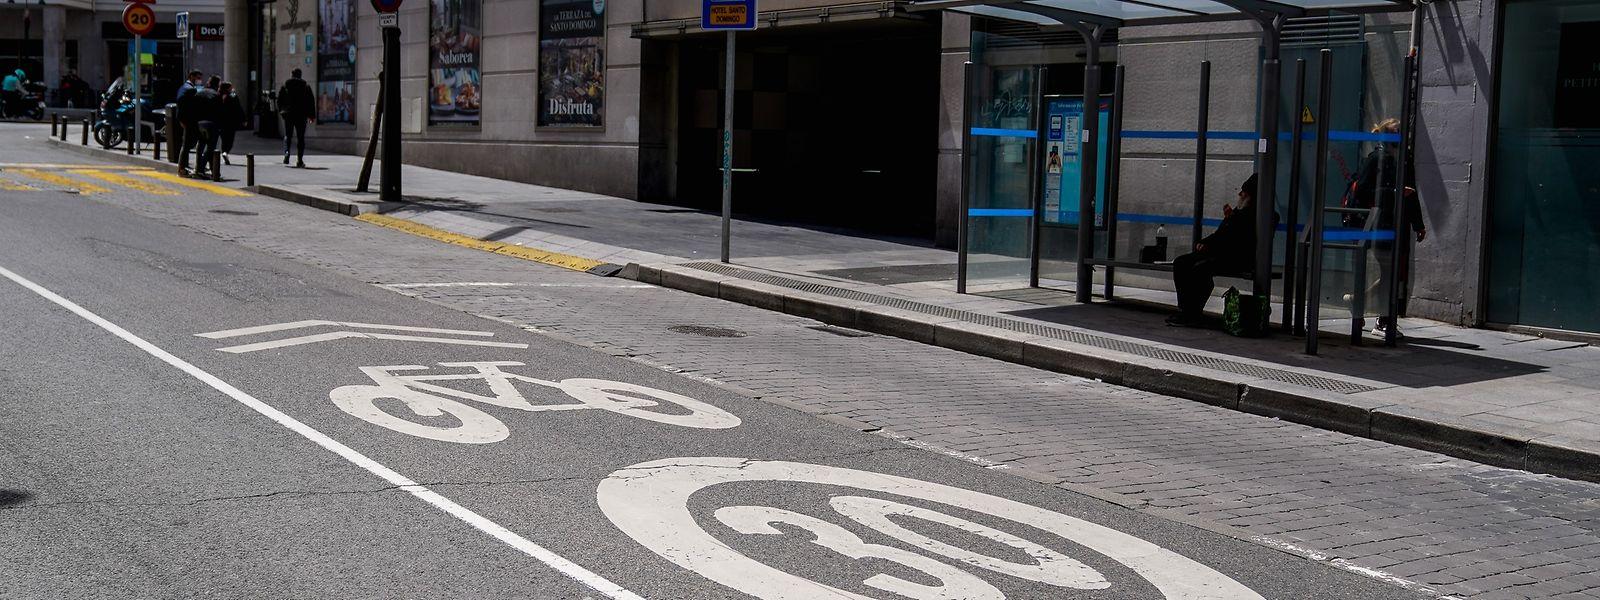 In Spanien gilt seit Dienstag zur Vermeidung tödlicher Unfälle innerorts auf den meisten Straßen eine Höchstgeschwindigkeit von 30 Stundenkilometern. Enge Straßen mit nur einem Fahrstreifen, wie es sie vor allem in den Altstädten oft gibt, dürfen sogar nur mit maximal 20 Stundenkilometern befahren werden.